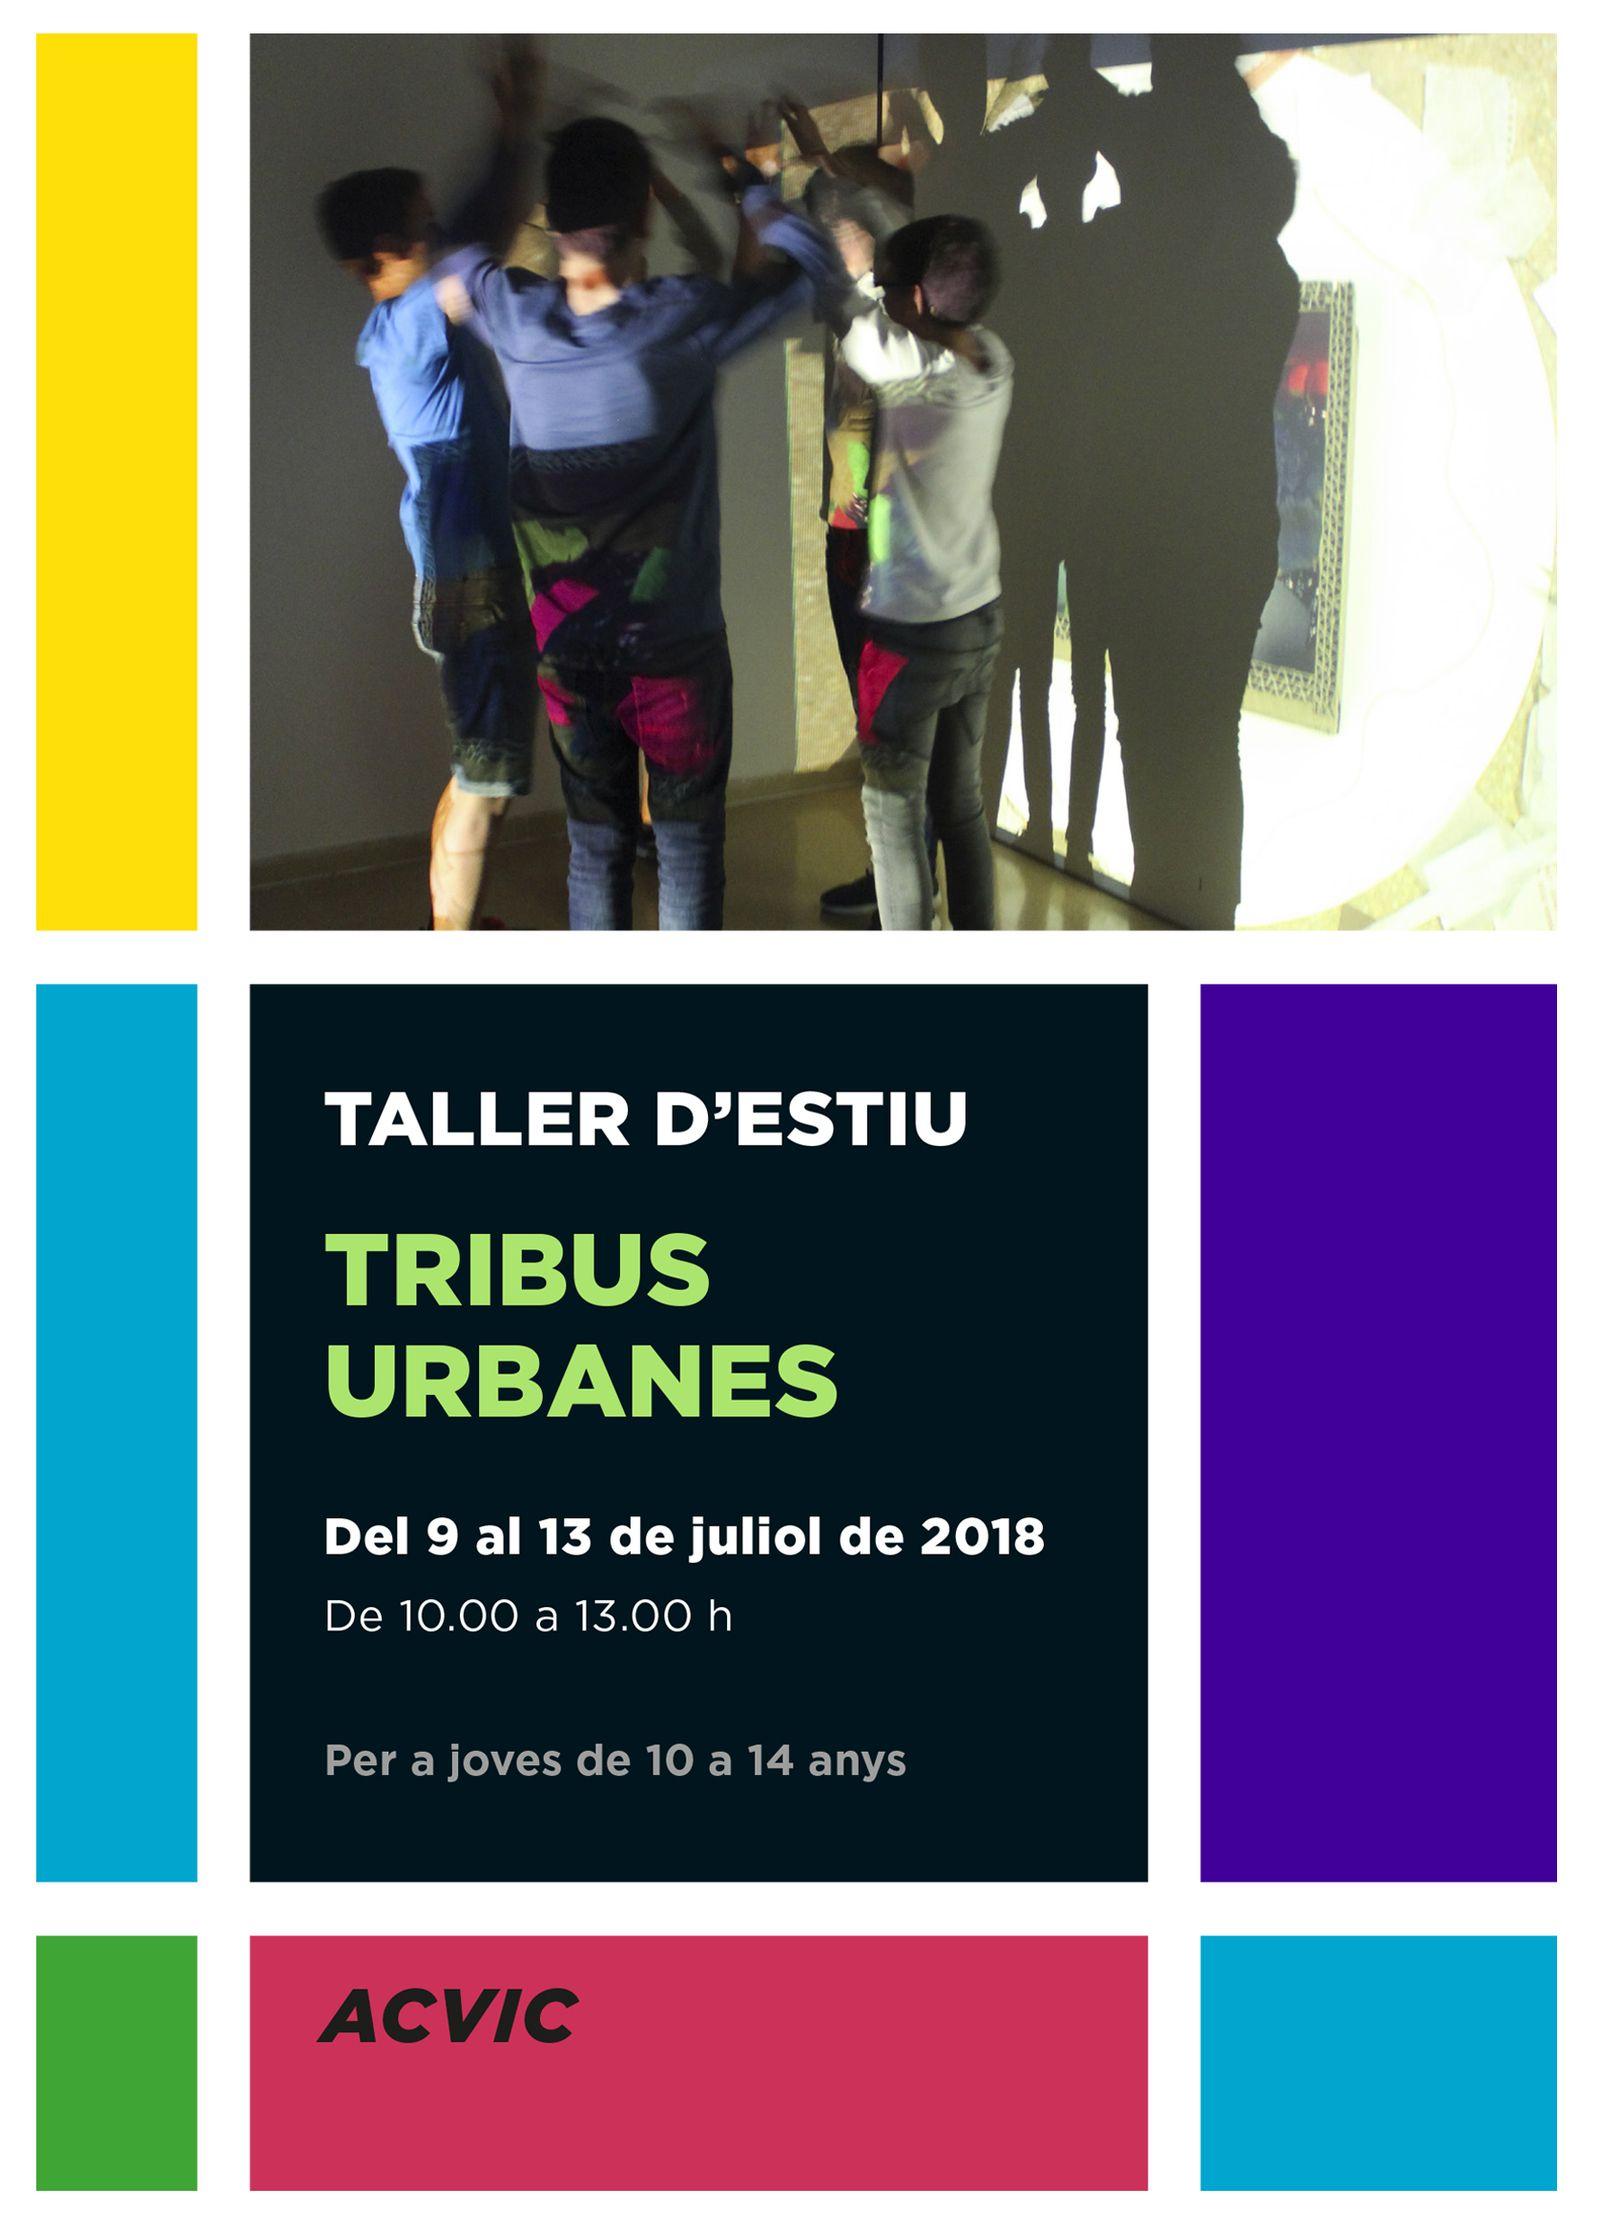 09 07 2018 taller joves